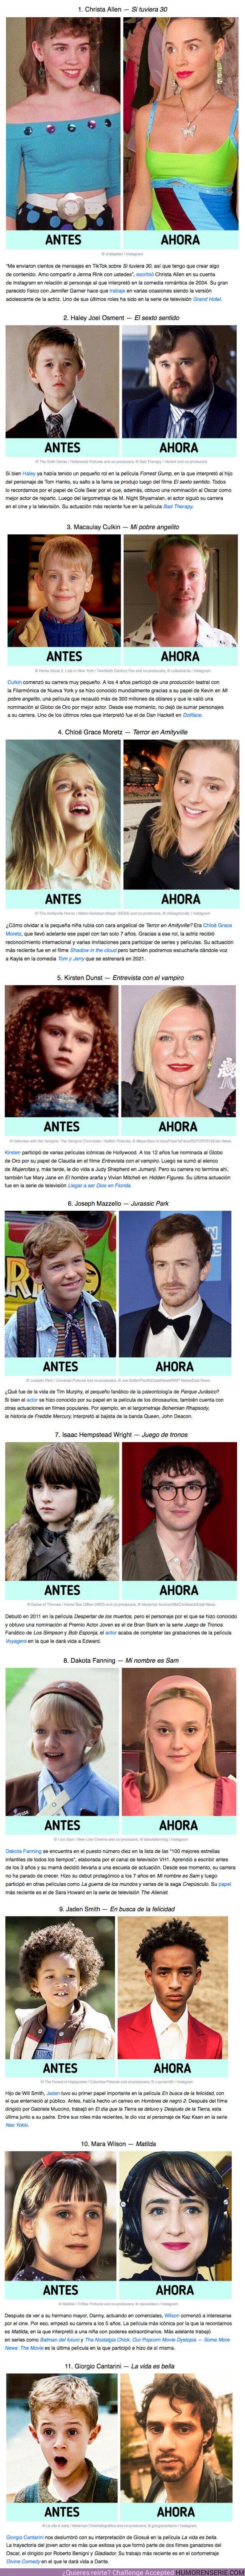 61213 - GALERÍA: Cómo lucen hoy 11 actores que interpretaron papeles en películas y series icónicas durante su niñez